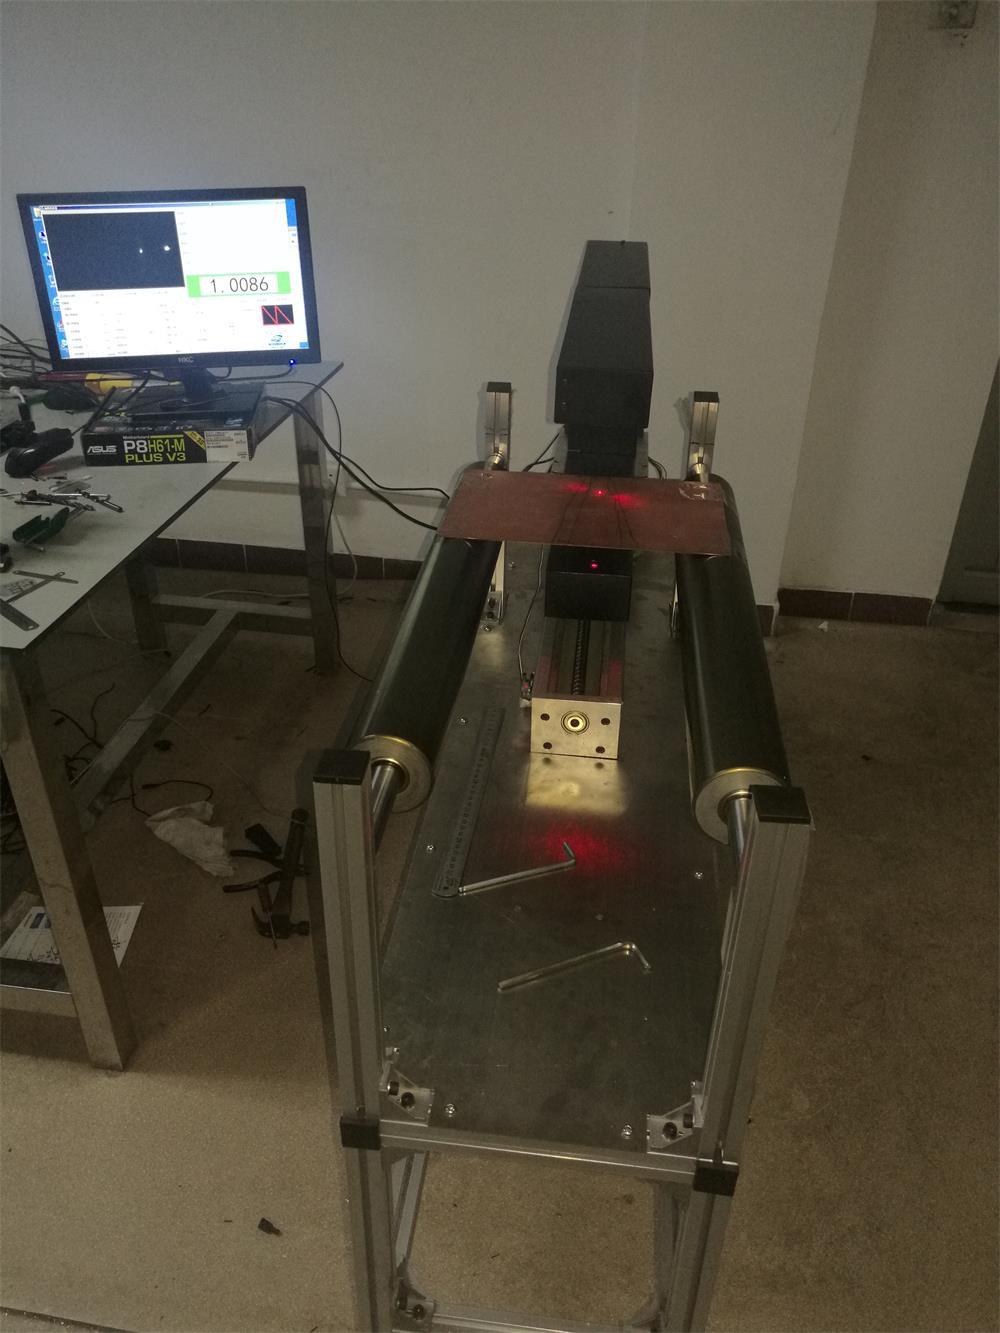 凤鸣亮发明专利产品高精度防水卷材非接触激光在线...